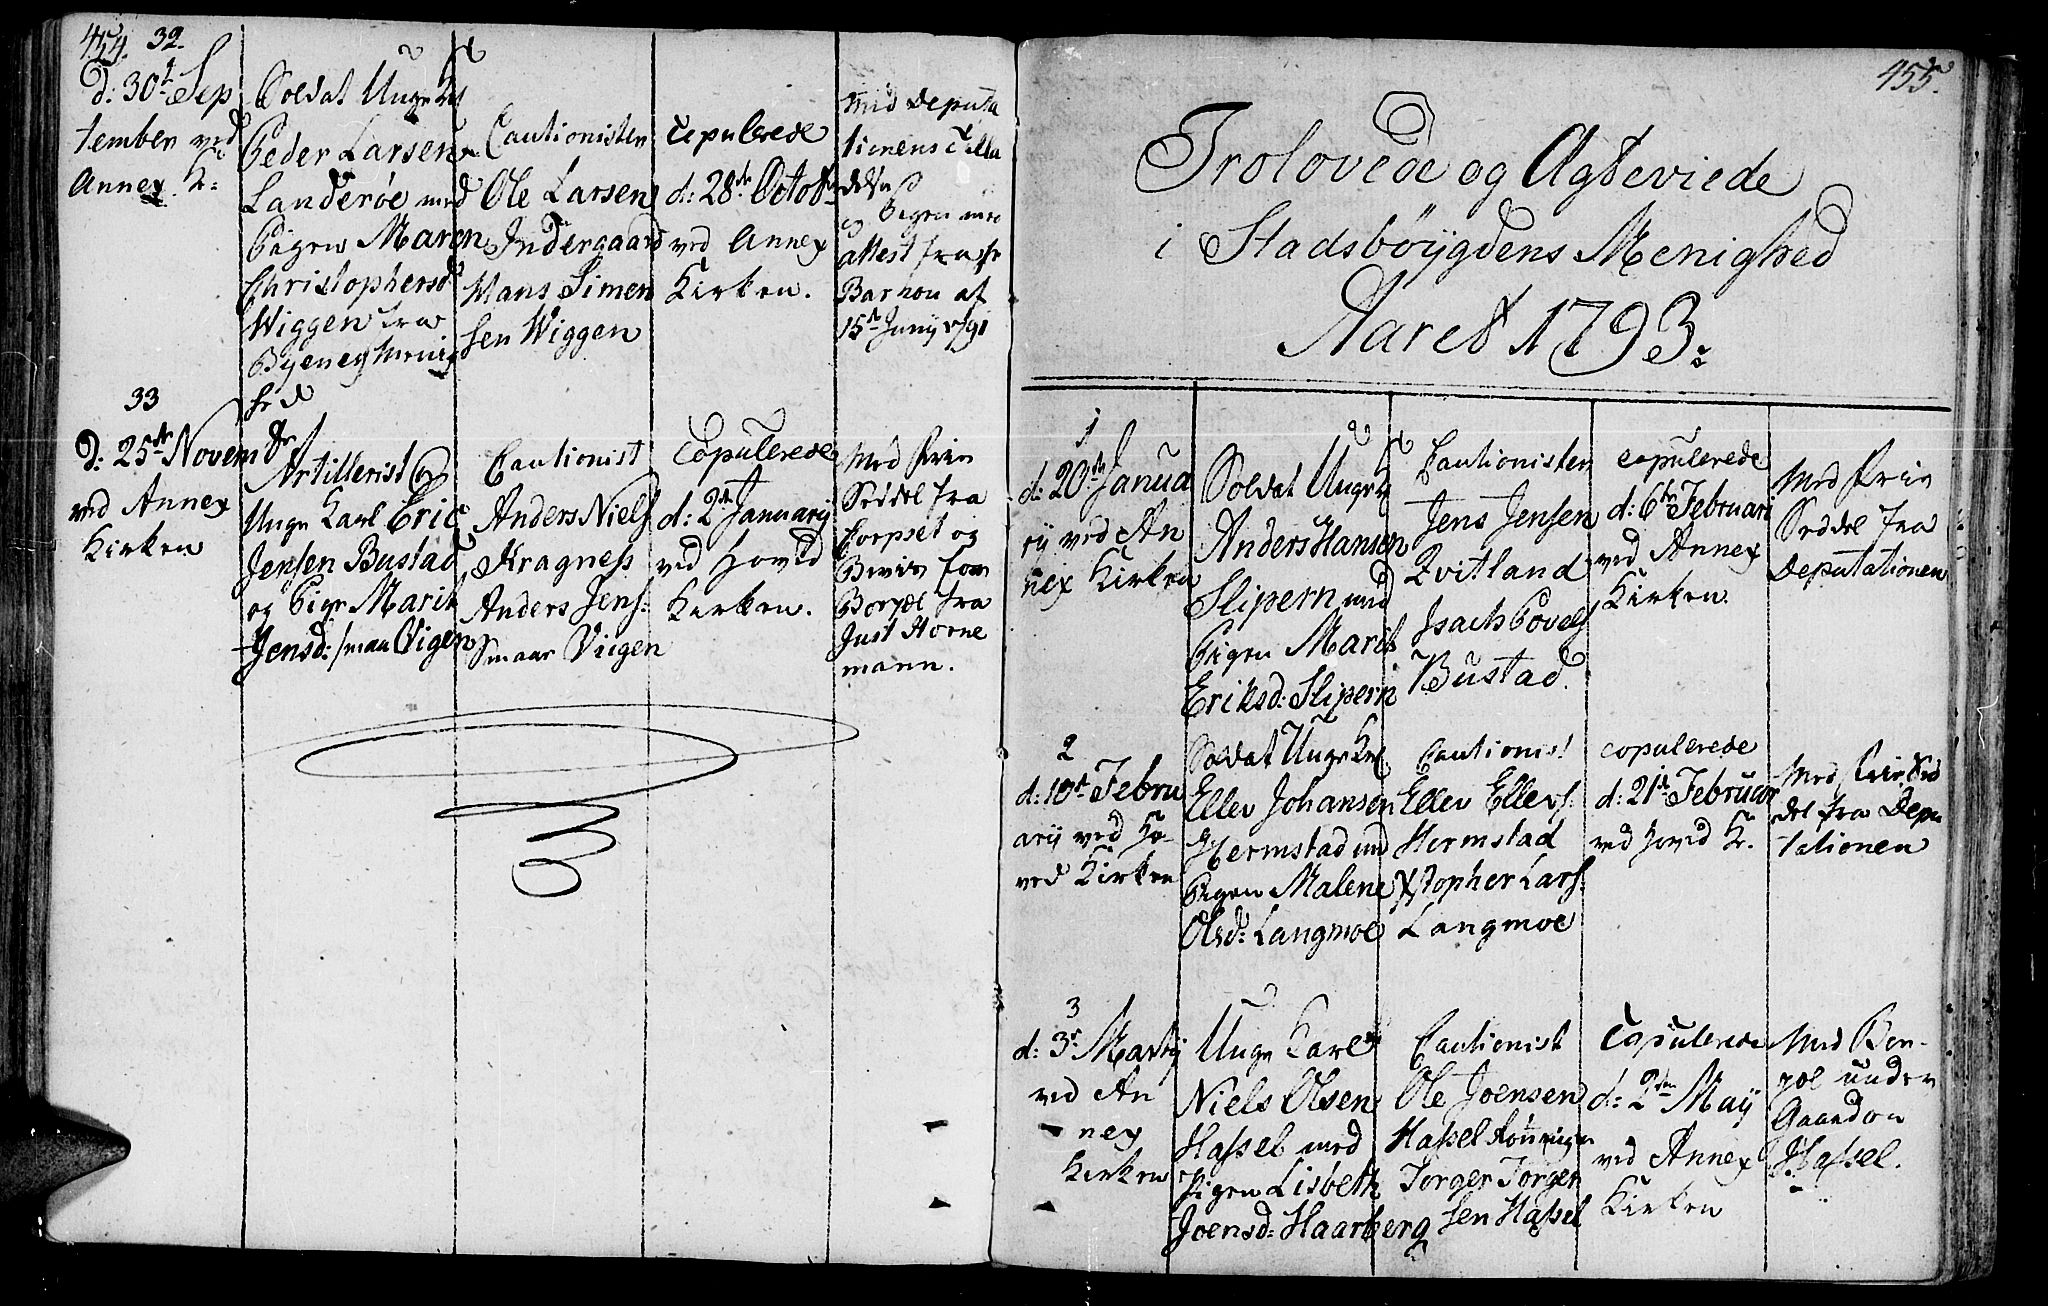 SAT, Ministerialprotokoller, klokkerbøker og fødselsregistre - Sør-Trøndelag, 646/L0606: Ministerialbok nr. 646A04, 1791-1805, s. 454-455